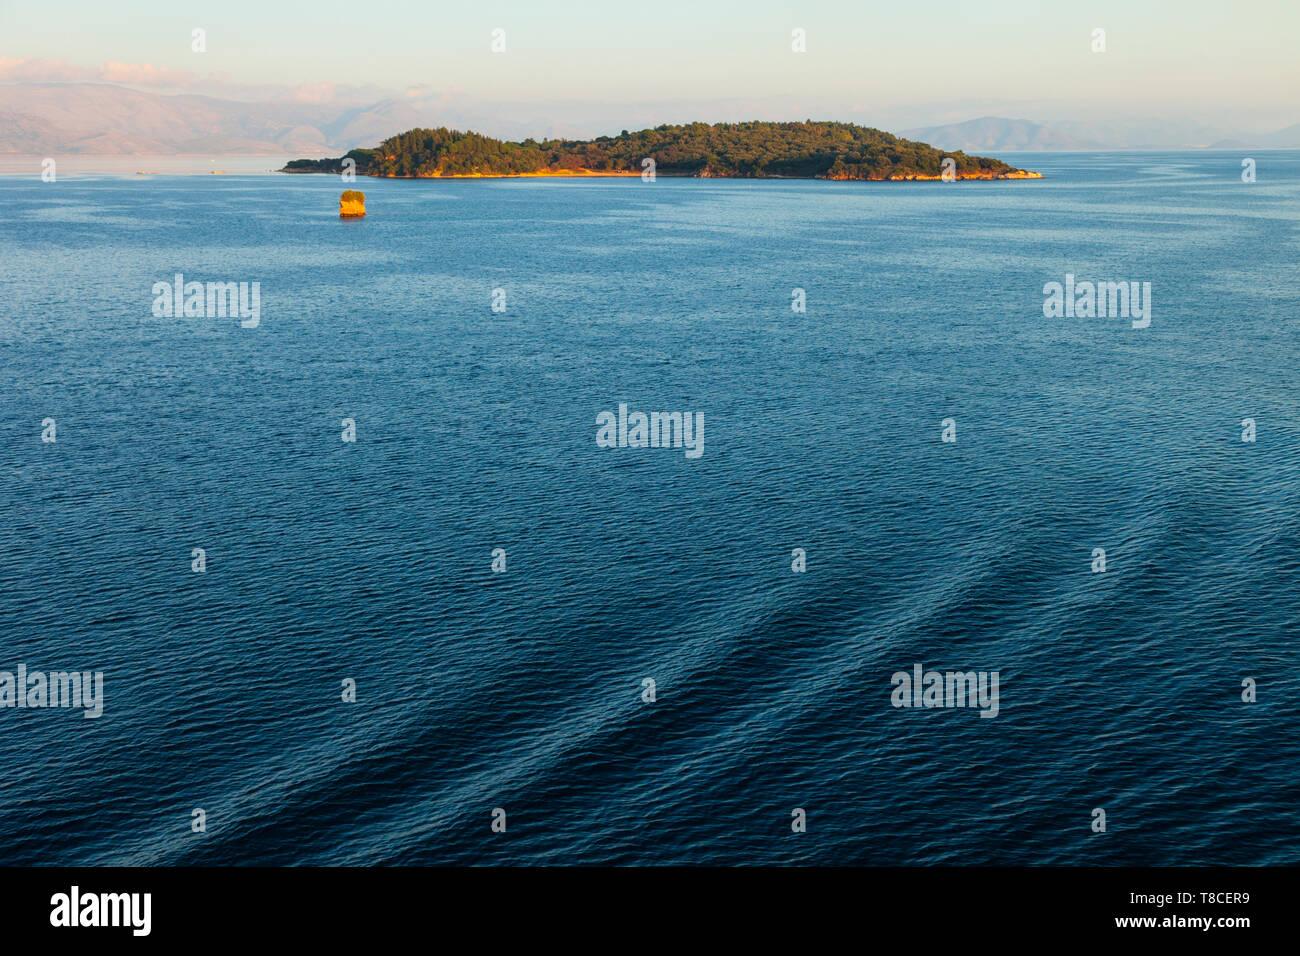 Isla cercana a la Ciudad de Corfú, Isla Corfú, Islas Jónicas, Grecia, Mar Mediterráneo - Stock Image